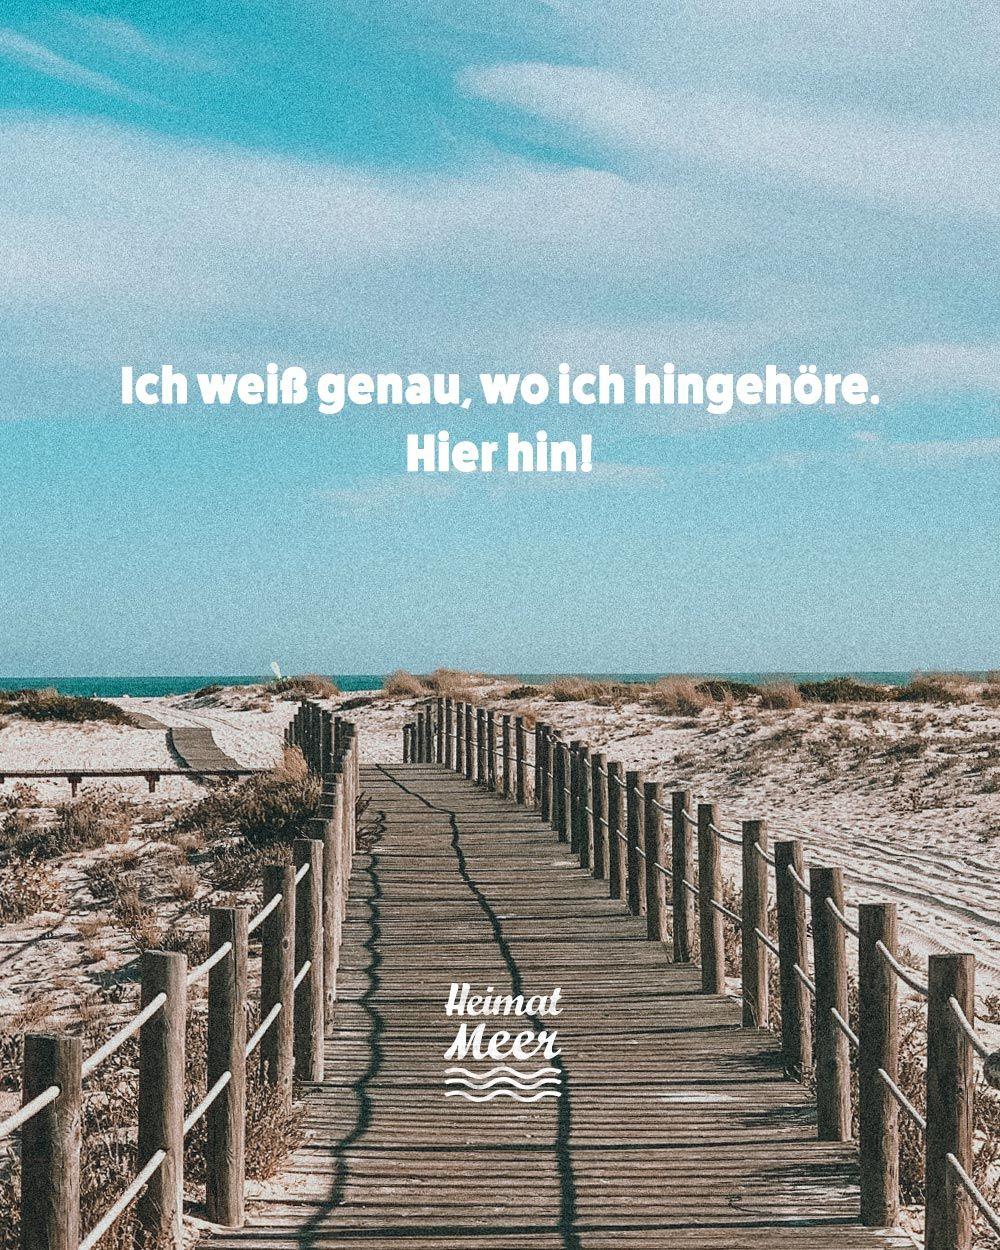 für immer&ewig 🔁mee(h)r von heimatmeer >> in 2020